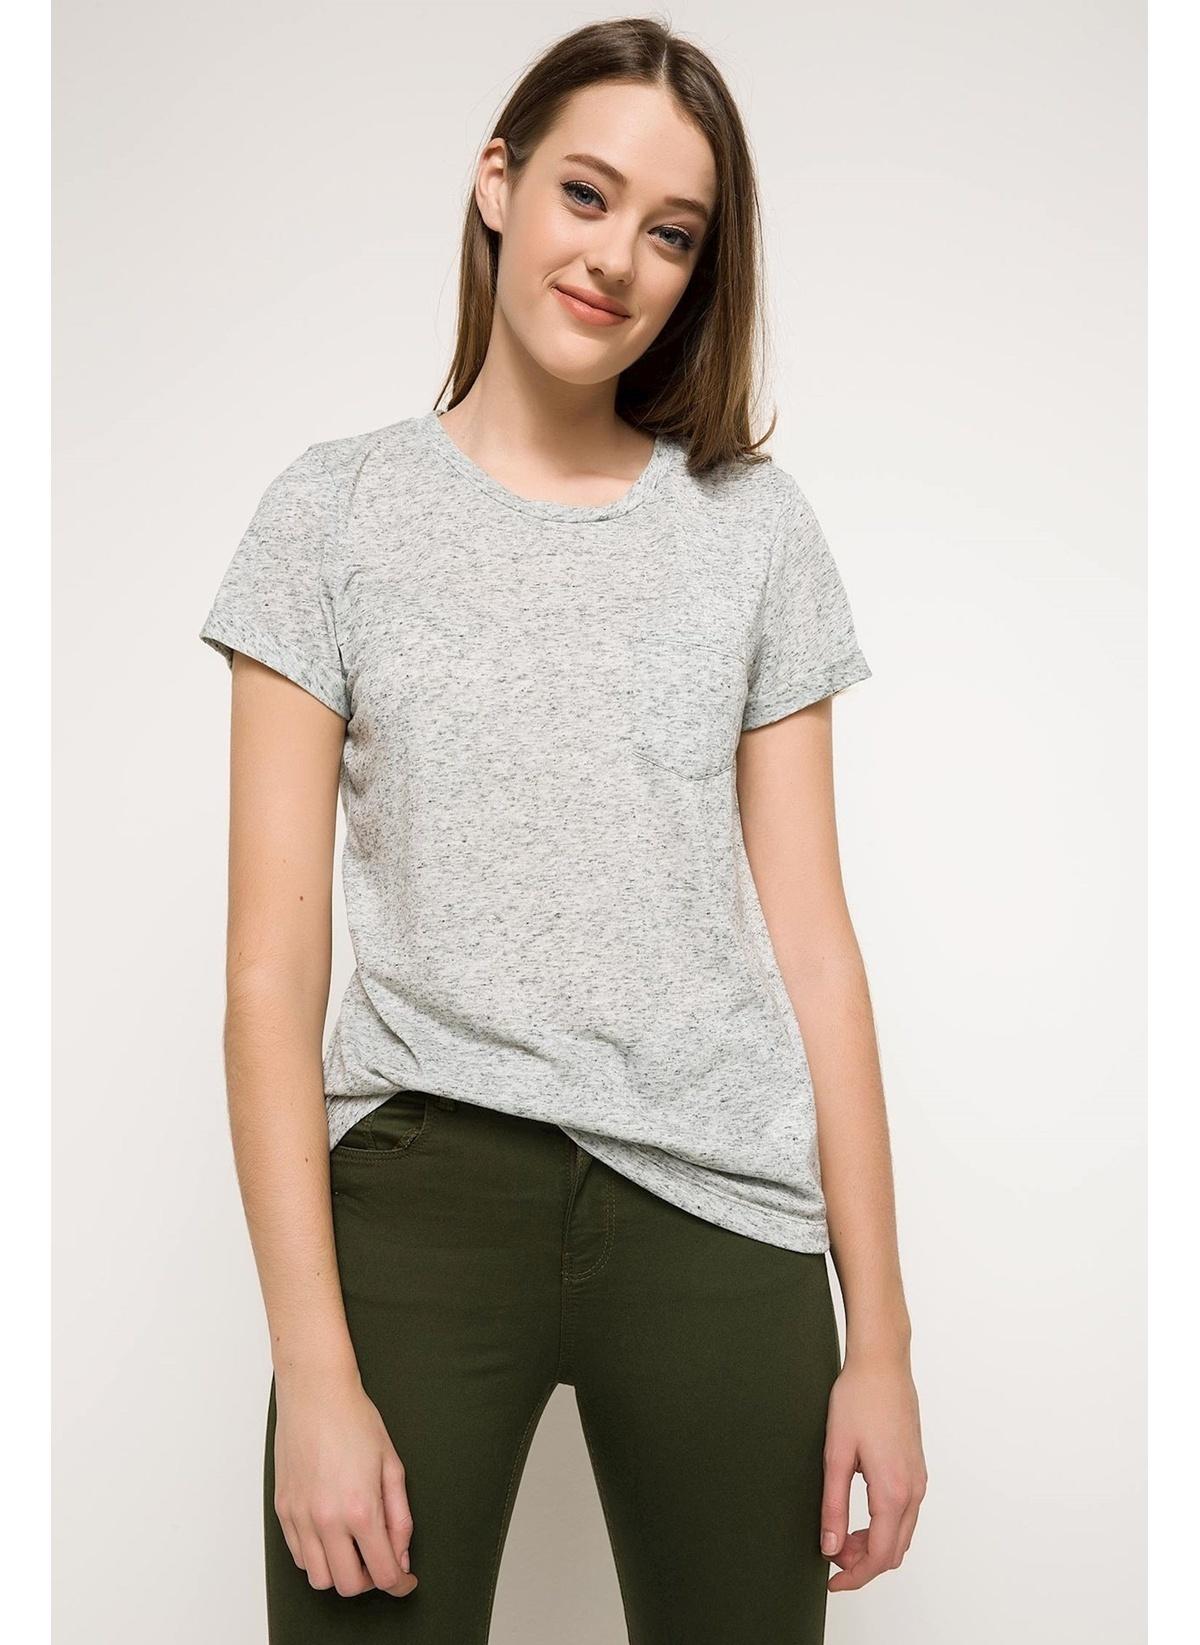 Defacto Kısa Kollu T-shirt I4087az18spkh211t-shirt – 19.99 TL